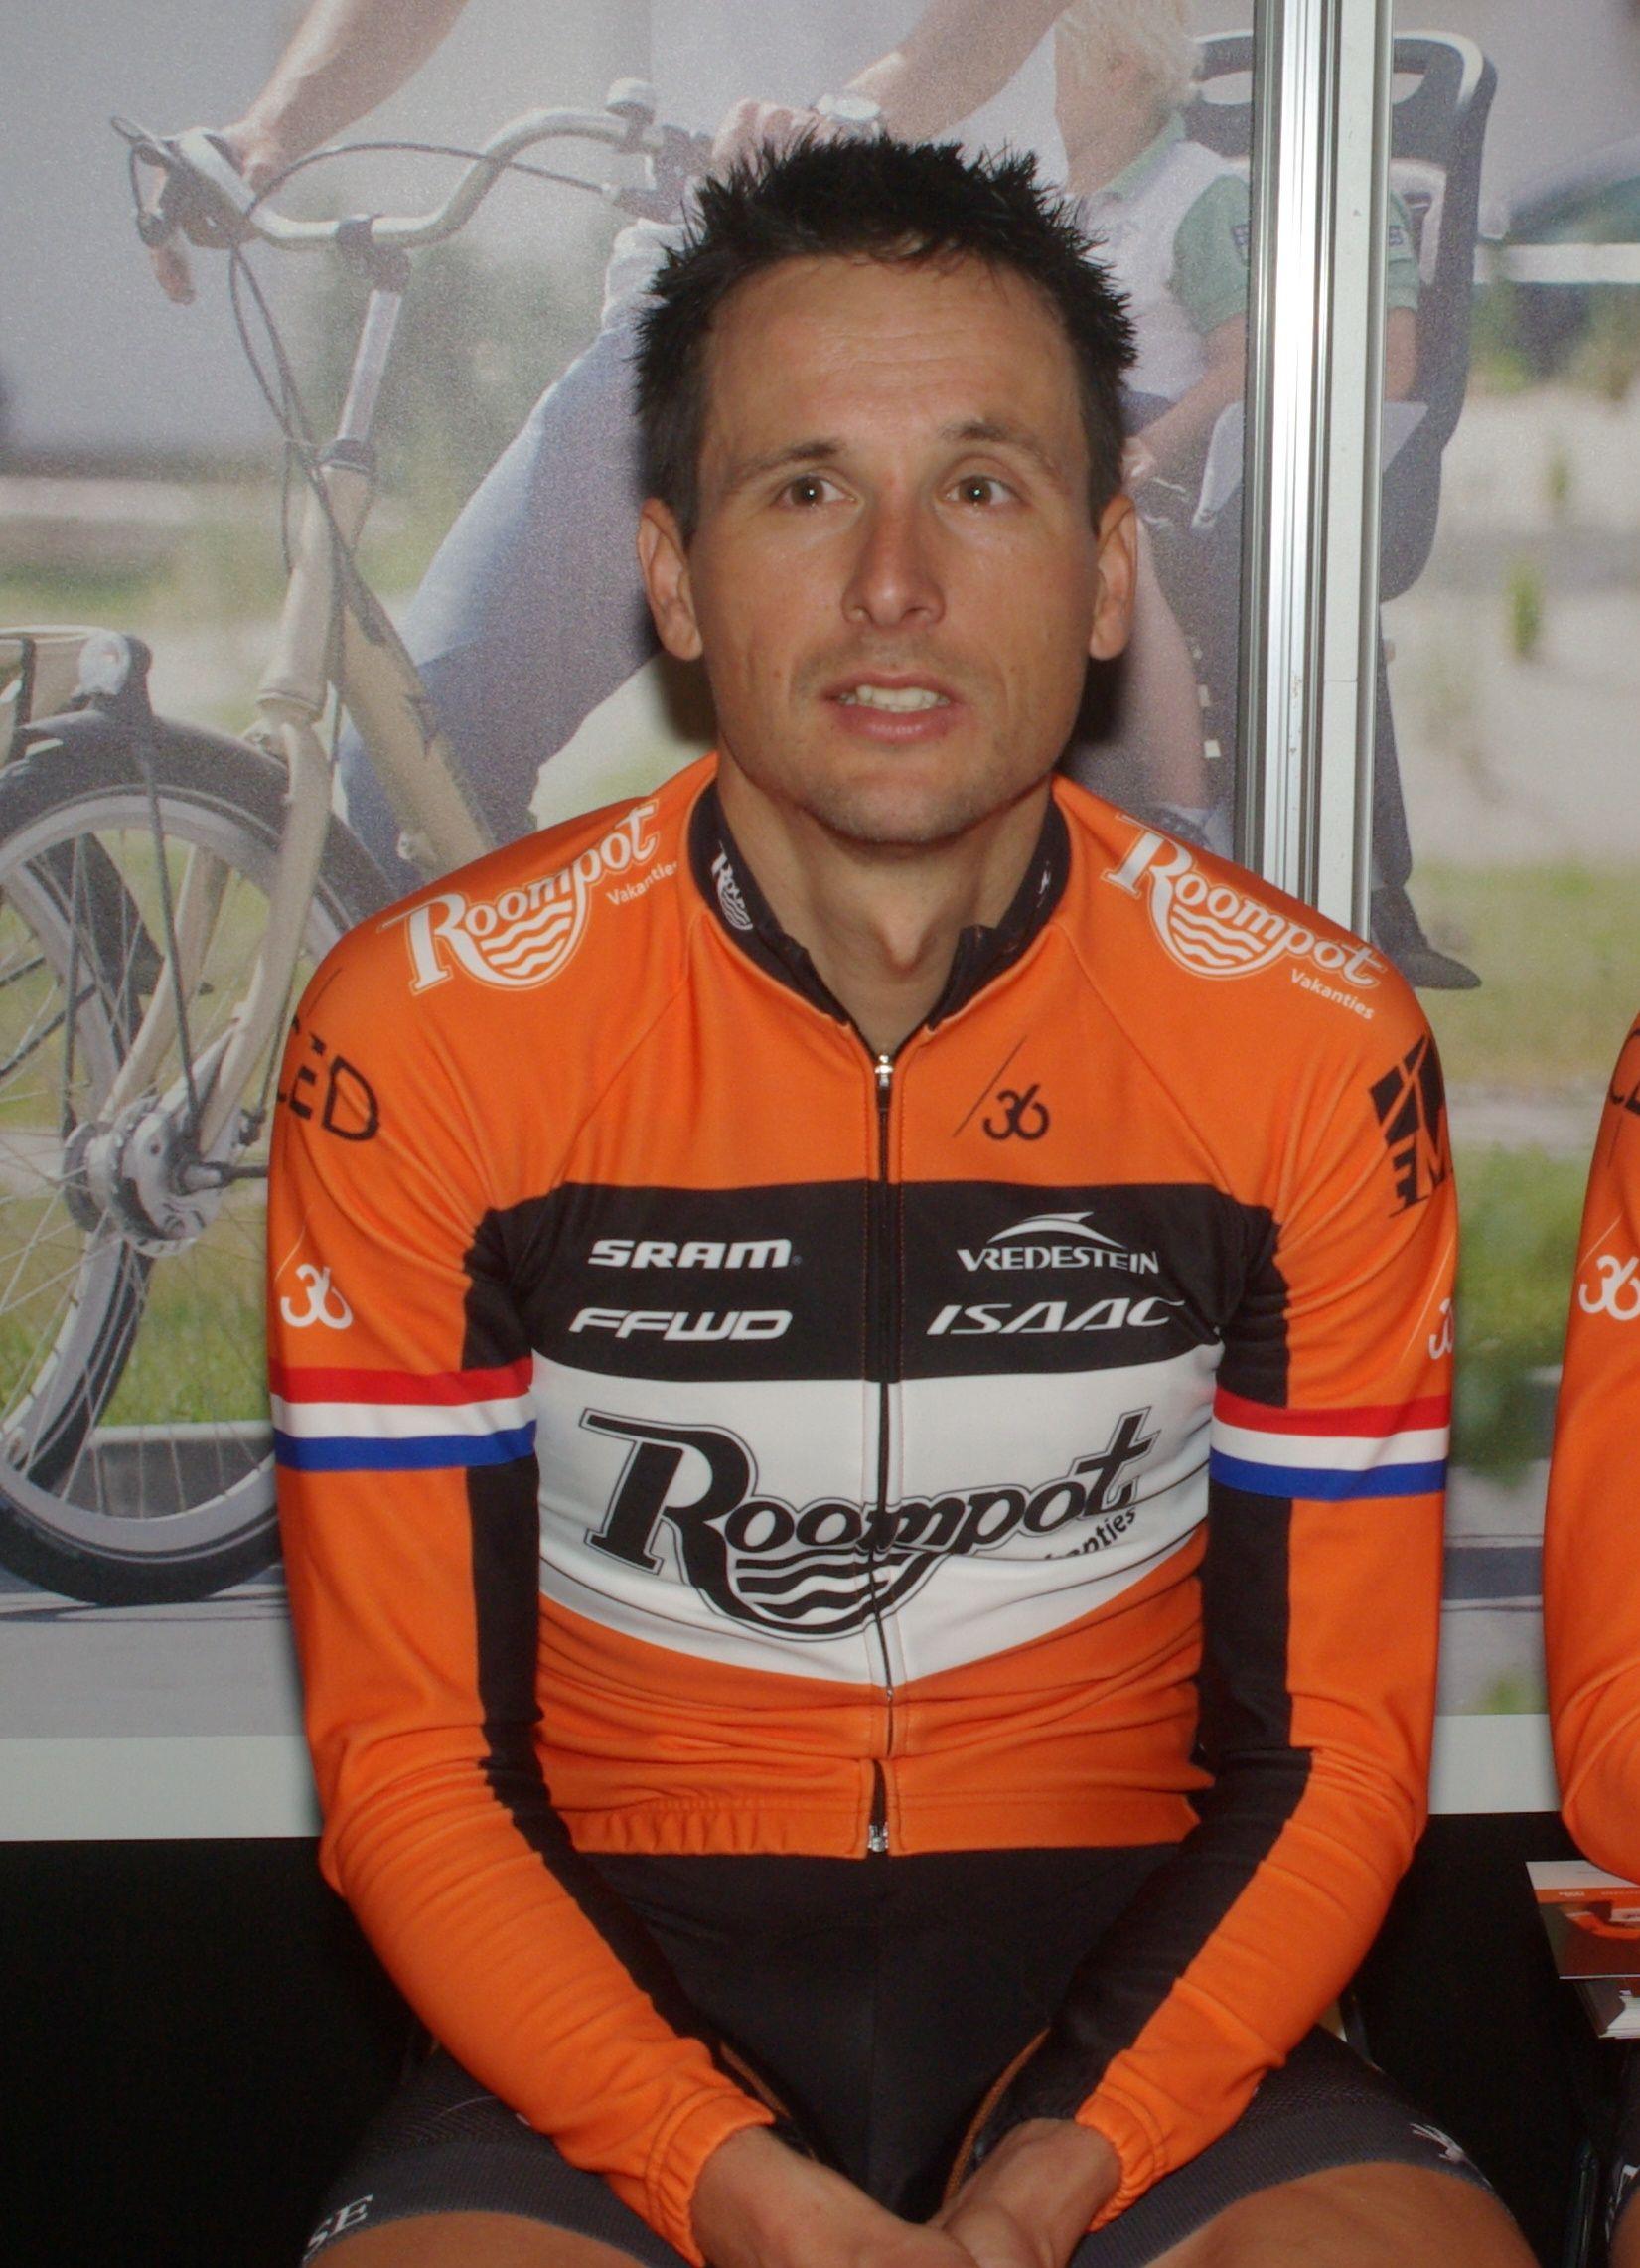 Johnny Hoogerland: een aanvallende renner die de strijd niet uit de weg gaat. (Foto Arnold Parre)